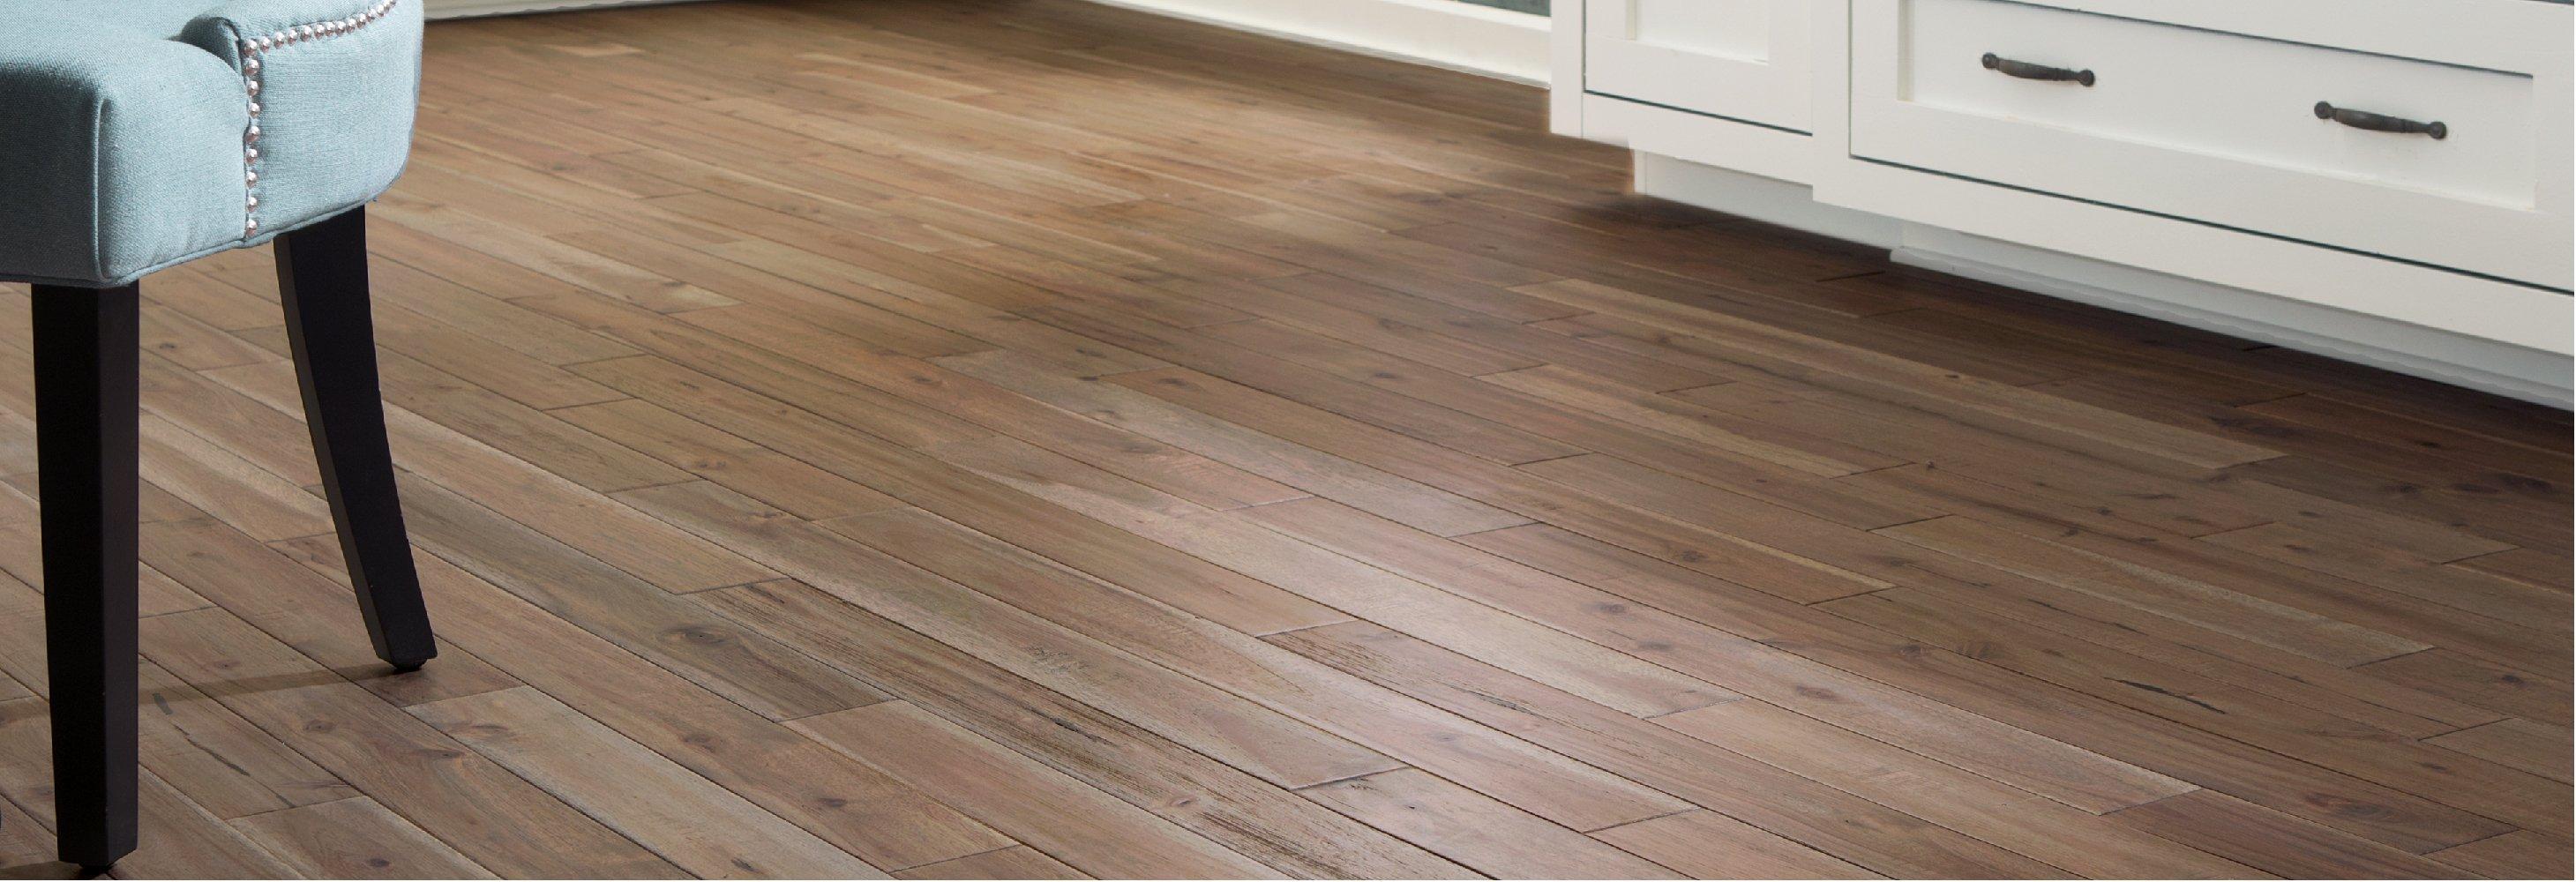 wood floors solid hardwood flooring TUCIQKI